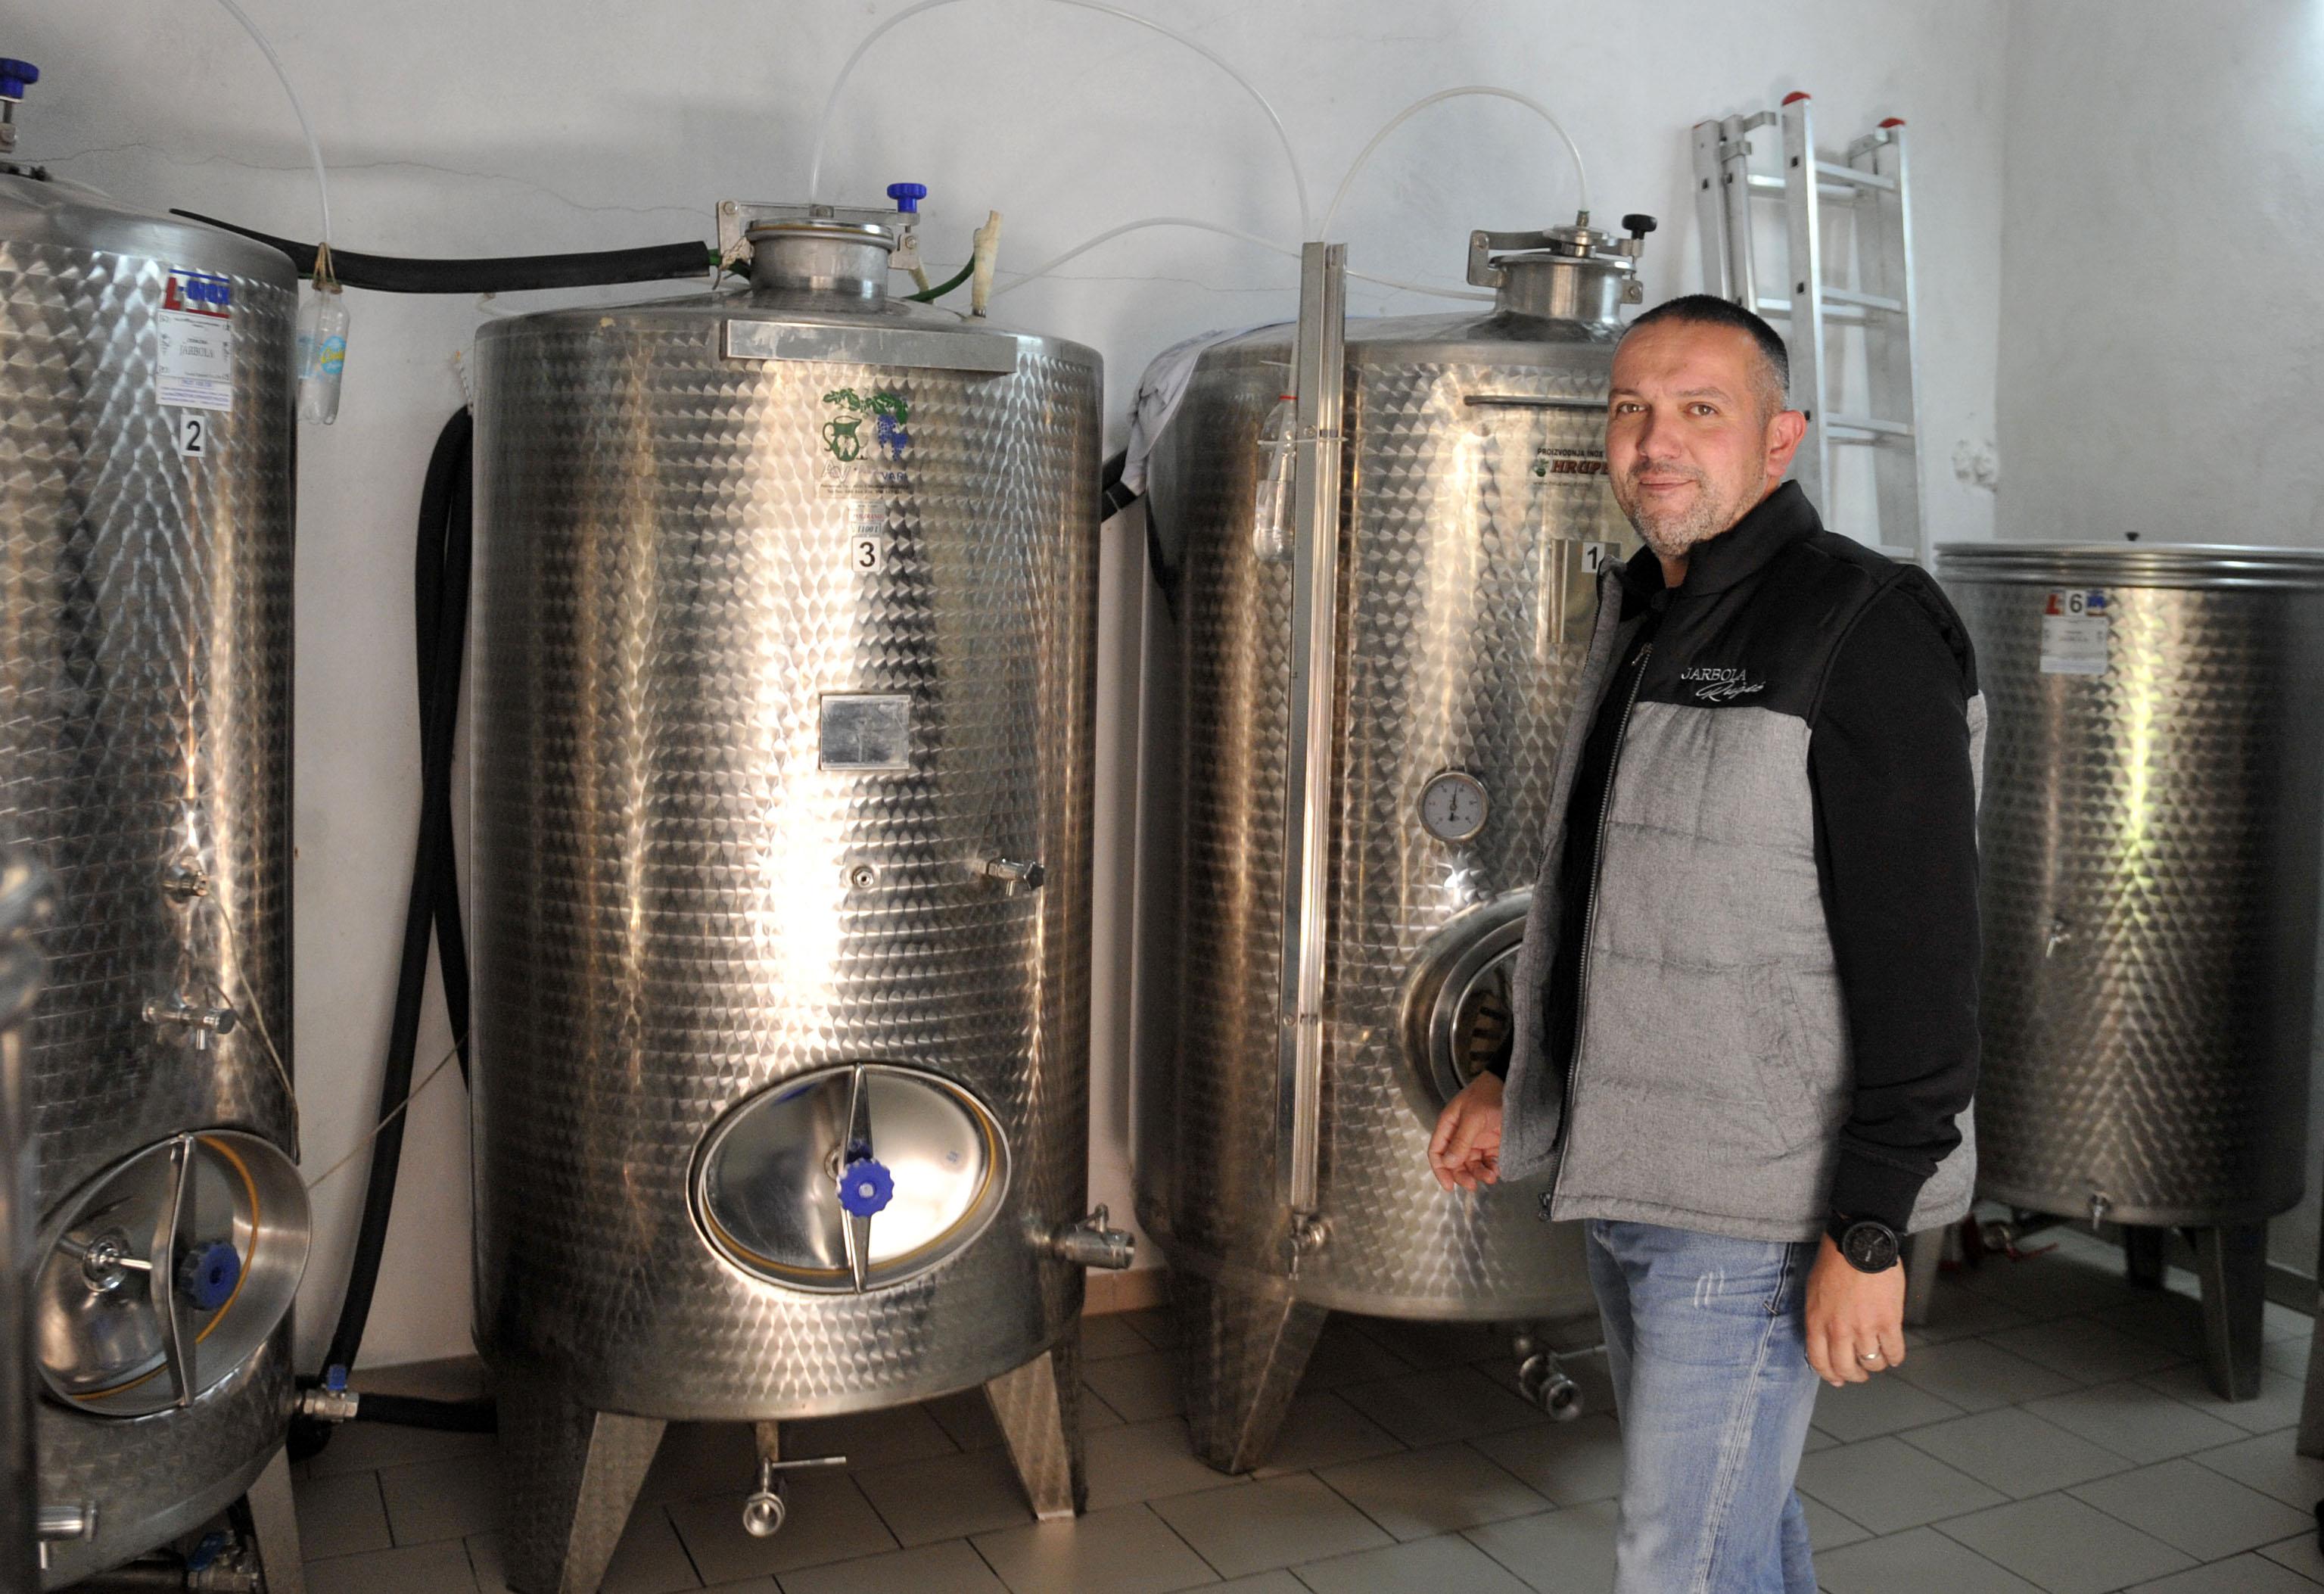 Dobilo se vino iste kvalitete kakvu su od jarbole dobili i na Institutu u Poreču - Franko Ružić / Snimio Vedran KARUZA